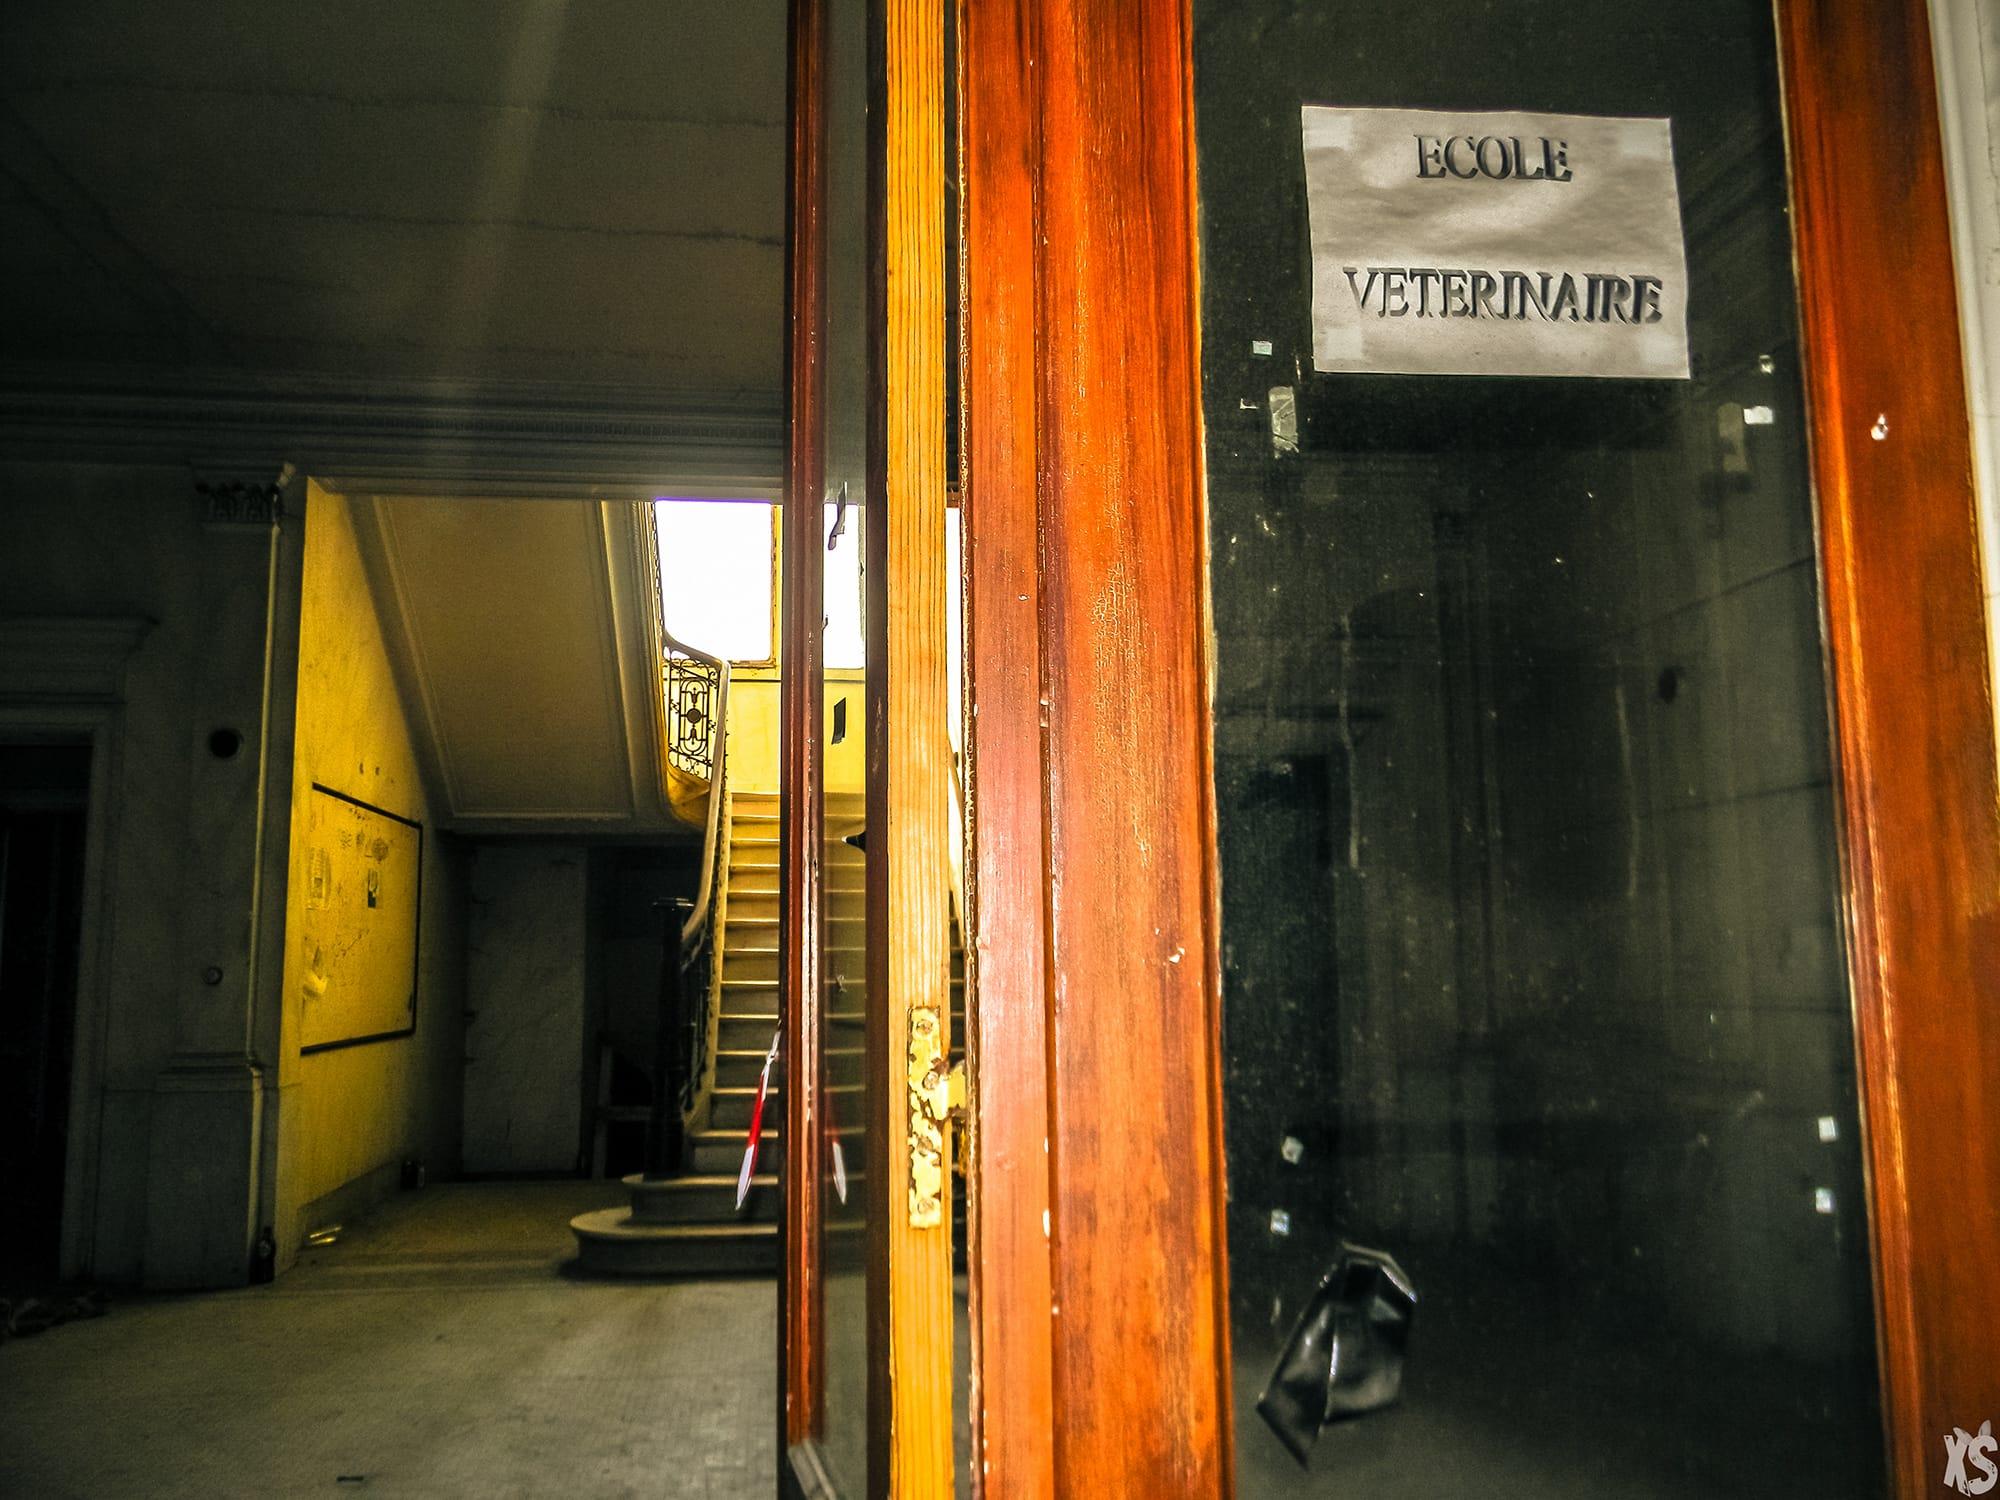 ecole-des-veterinaires-anderlecht-2